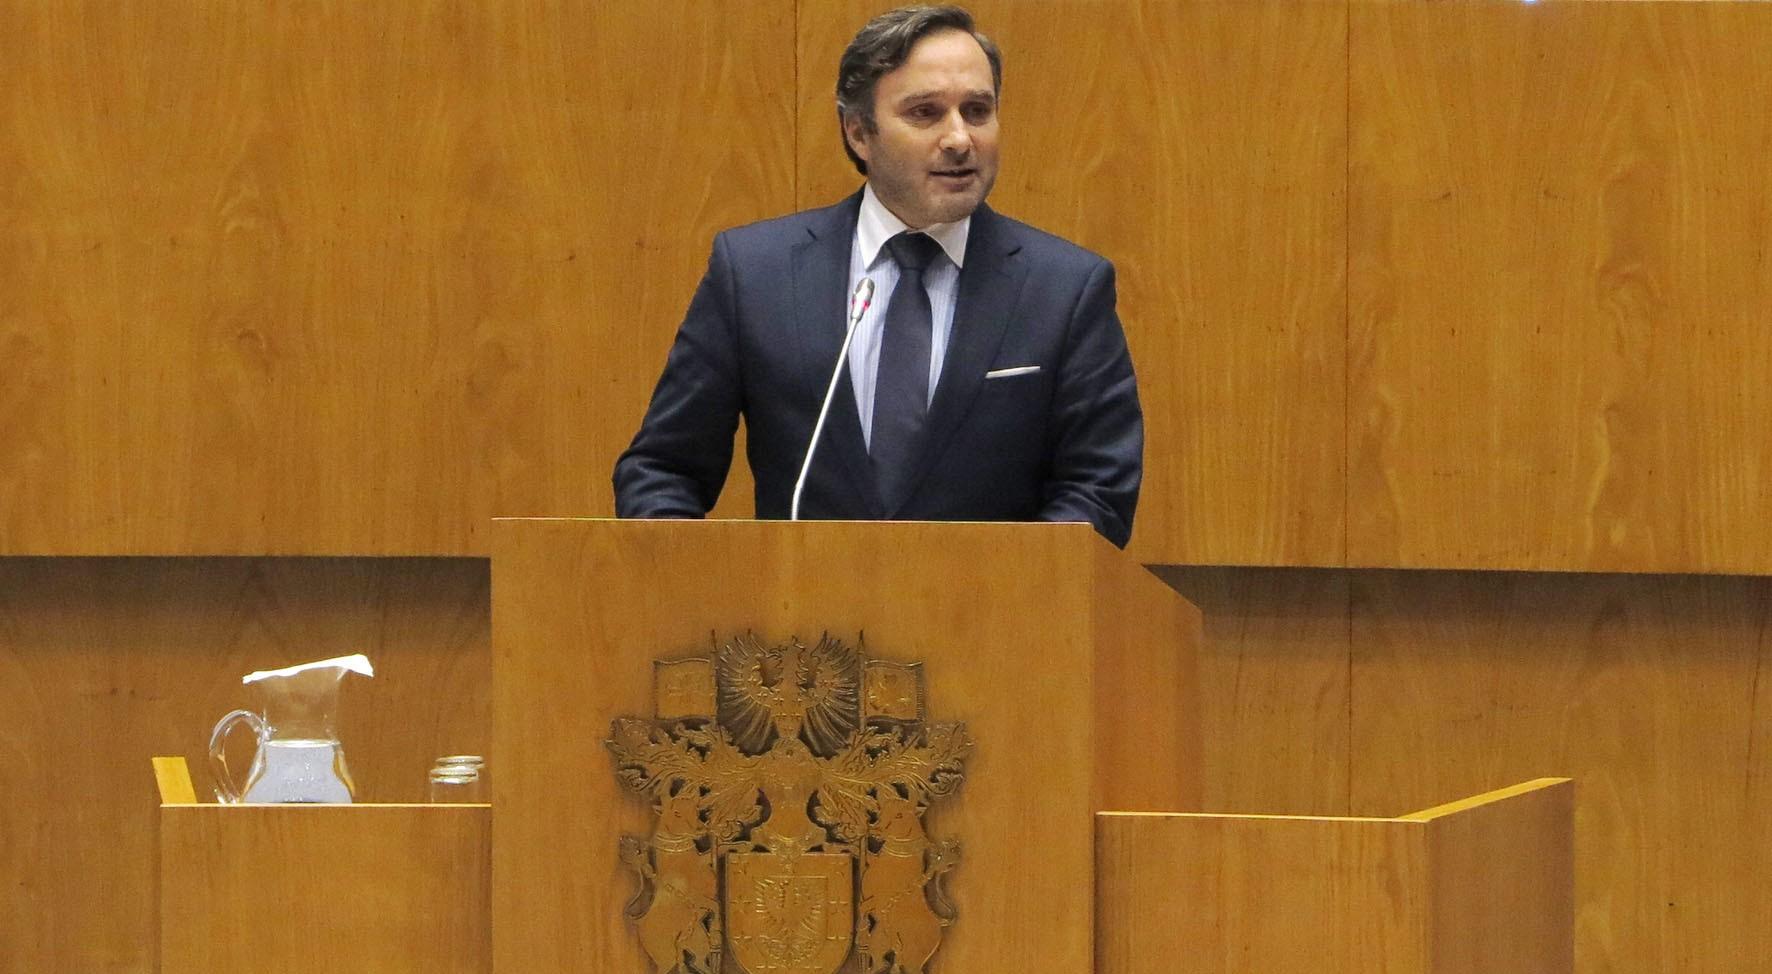 Código da Contratação Pública vai dinamizar o tecido económico e fomentar a sua sustentabilidade, afirma Vítor Fraga